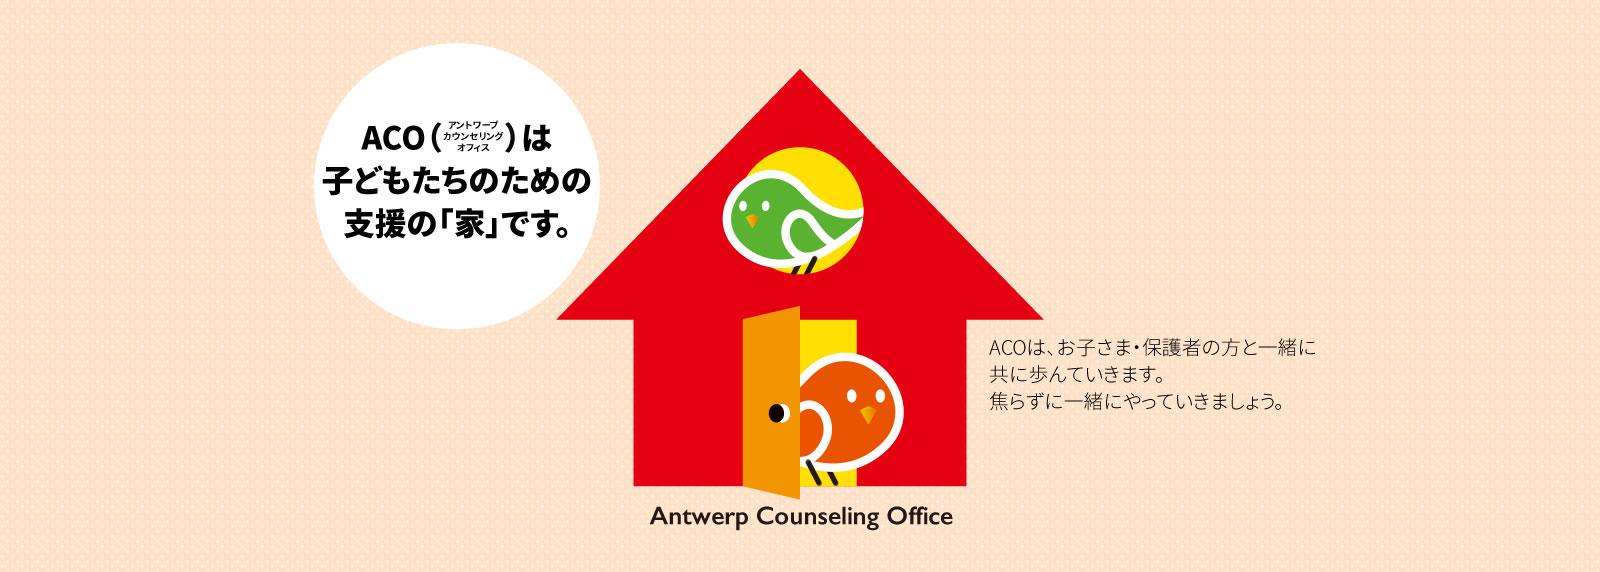 ACOは子どもたちのための支援の家です